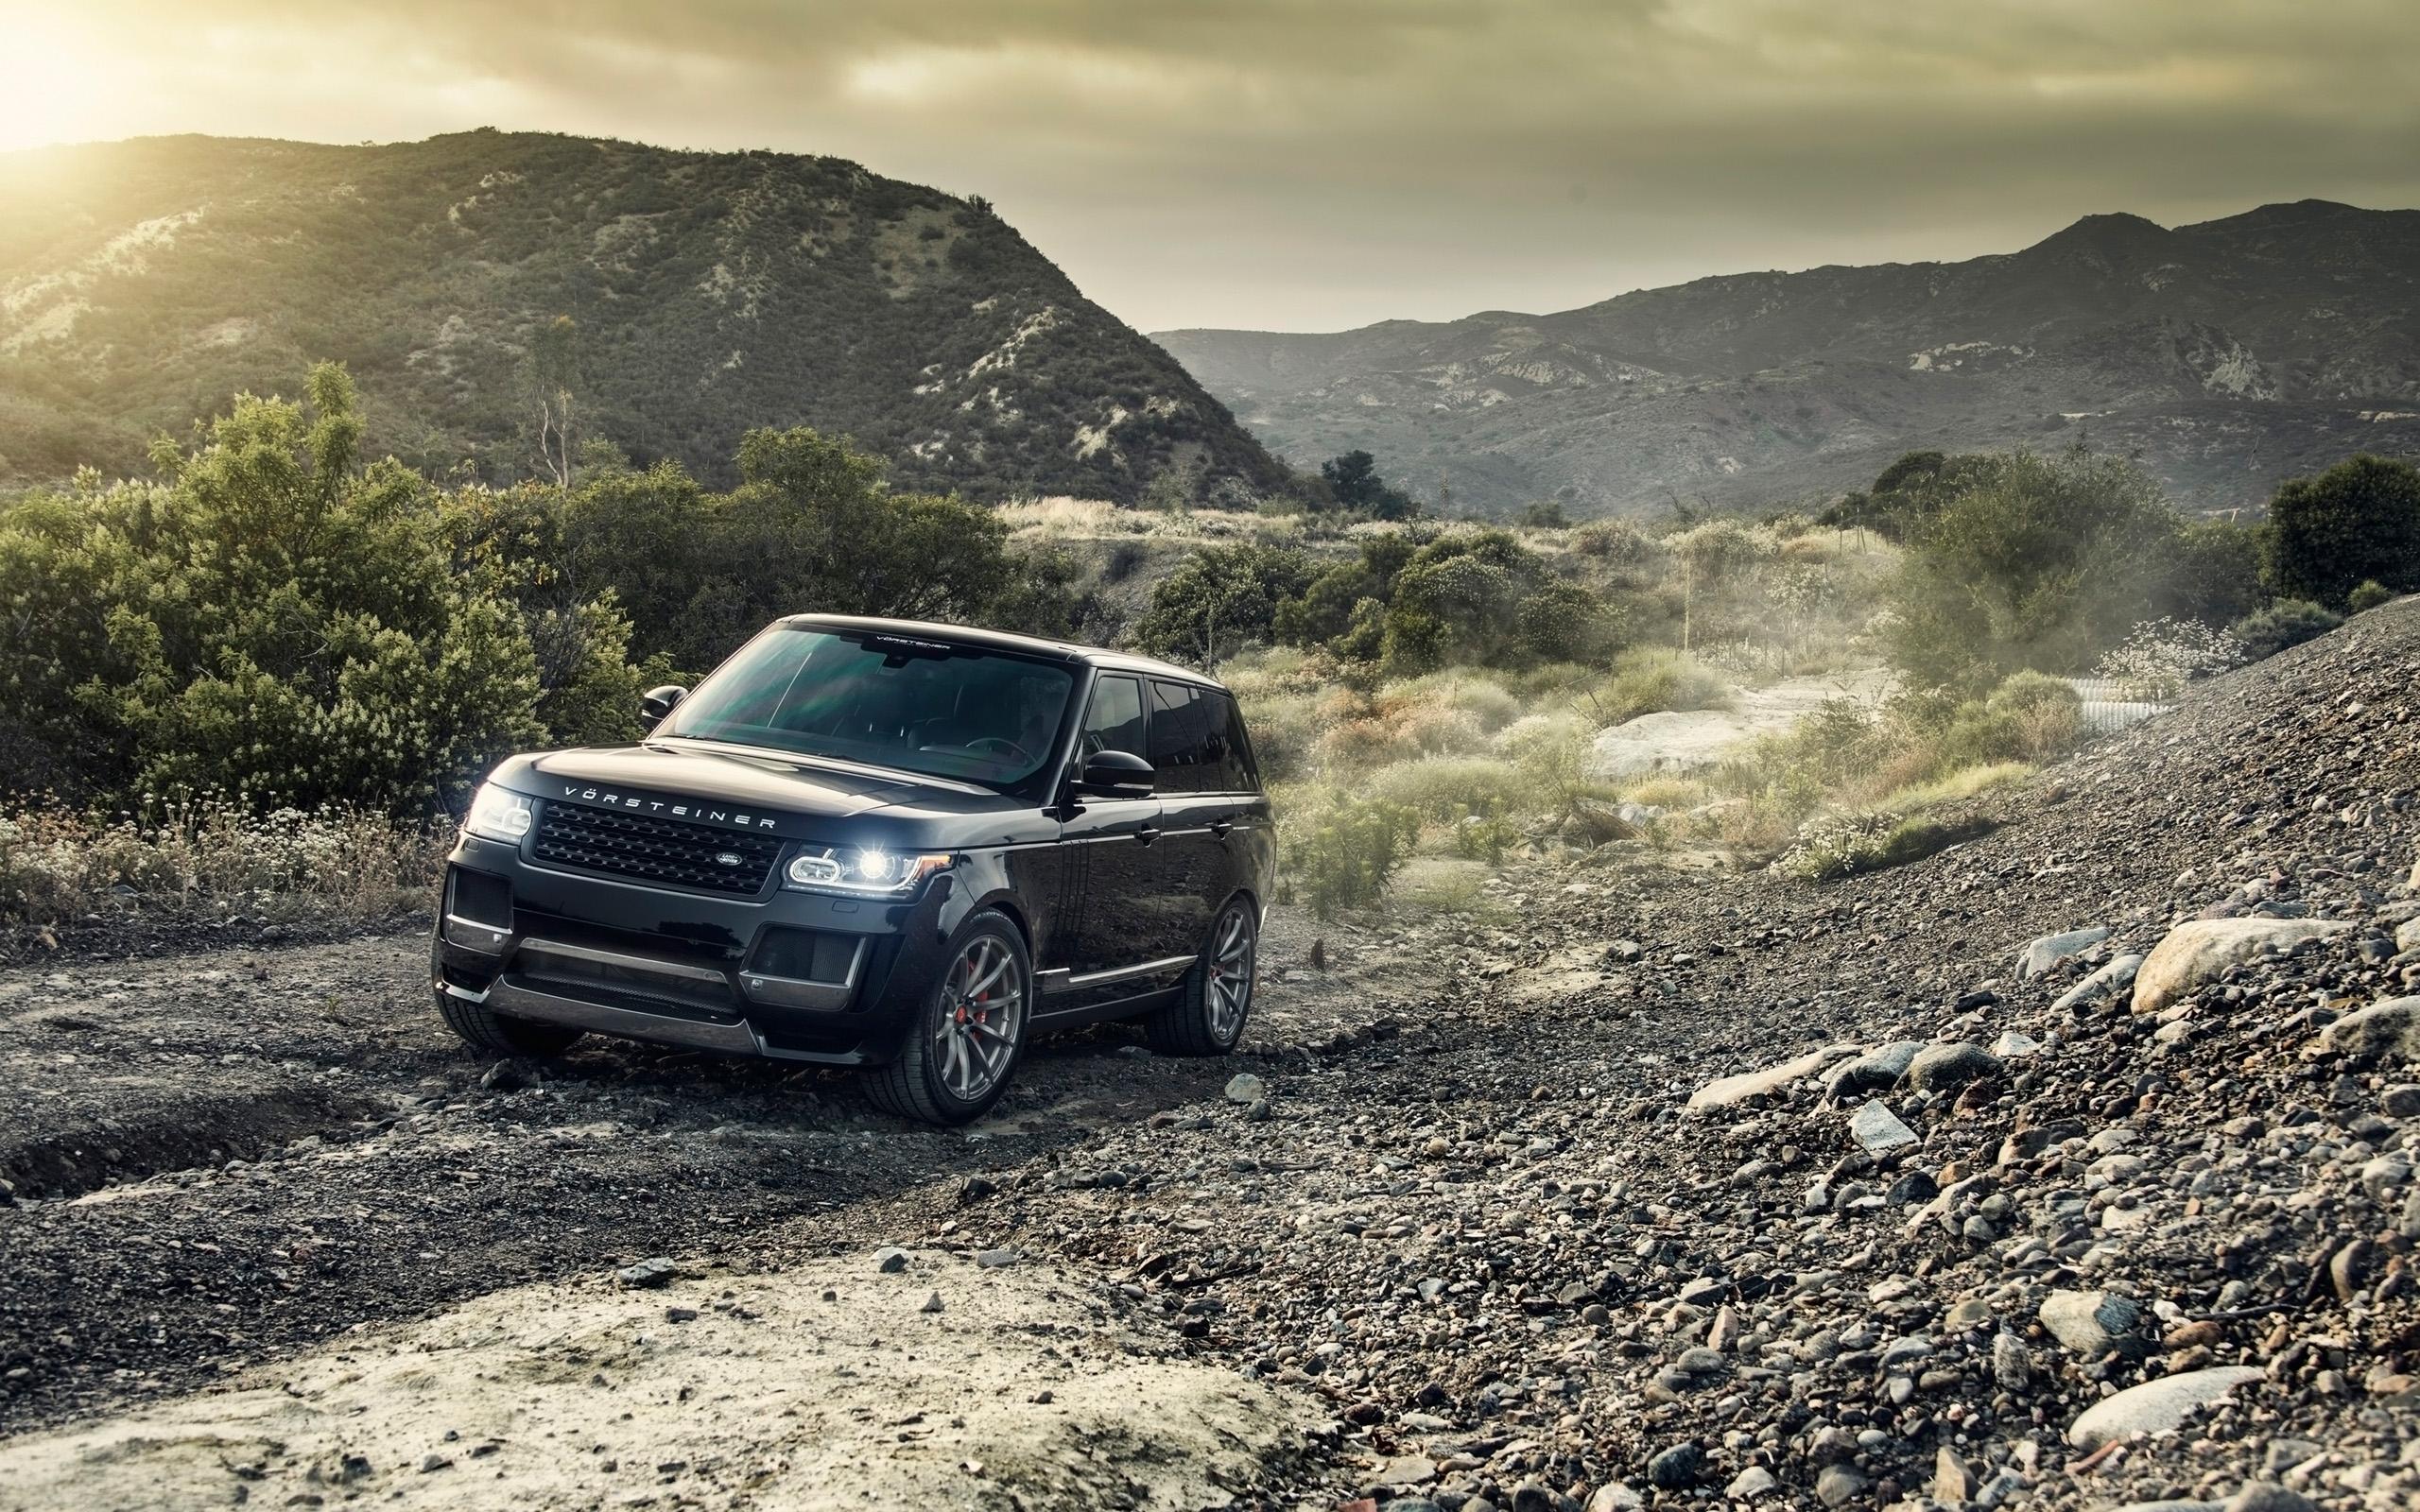 2016 Vorsteiner Range Rover V Ff 102 2 Wallpaper Hd Car Wallpapers Id 6806 2016 vorsteiner range rover v ff 102